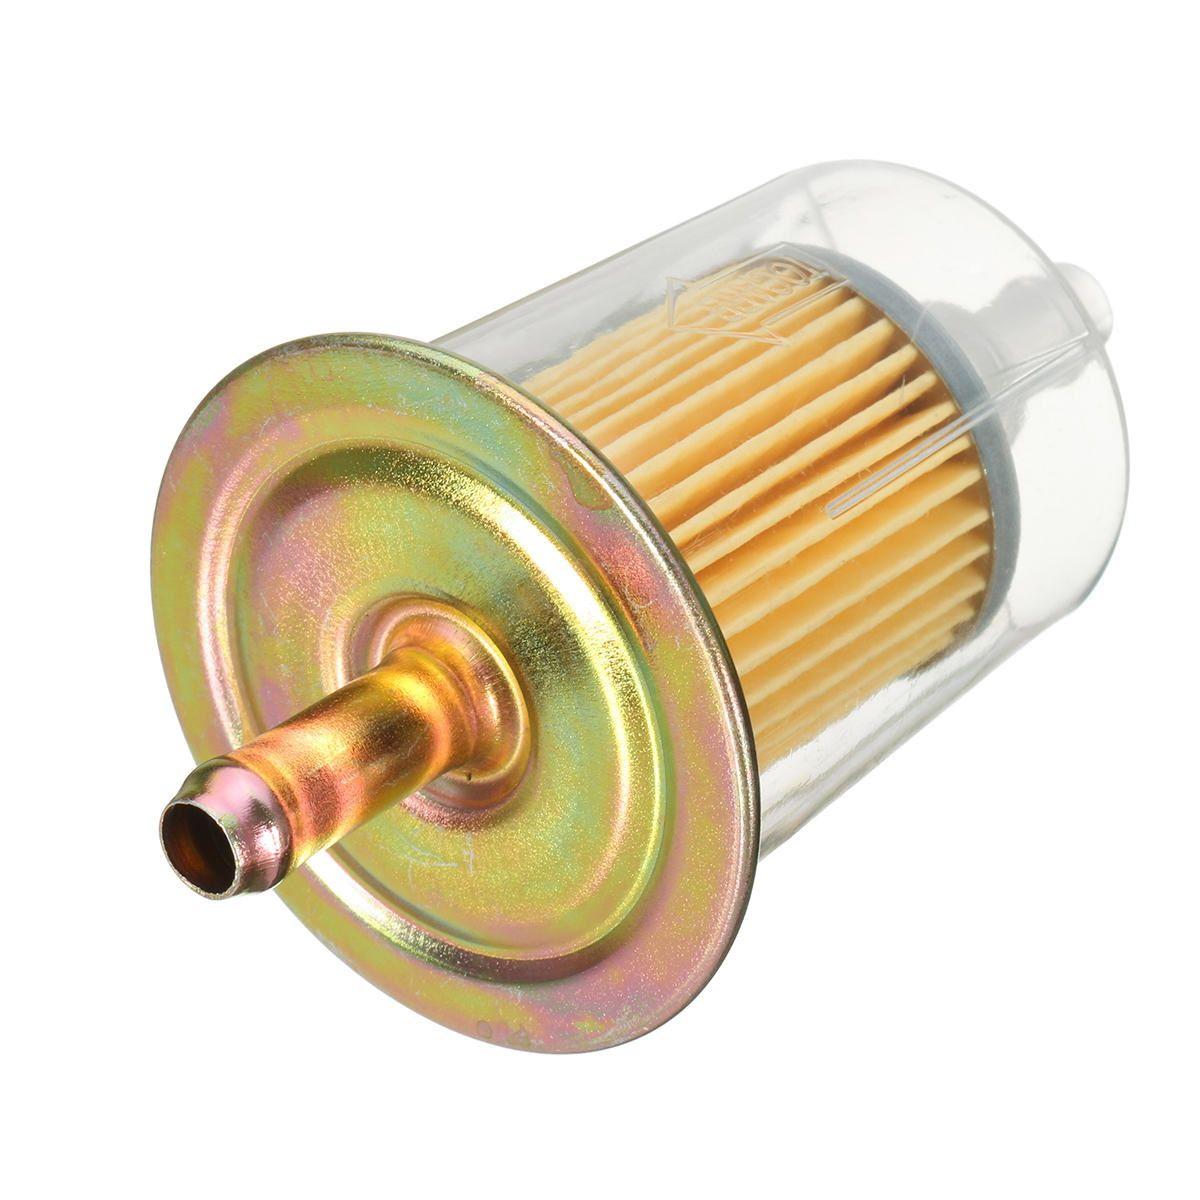 Фильтр топливный 90x70x8.5x8.5 hyundai pony 1.2-1.5i 85-95 PS846